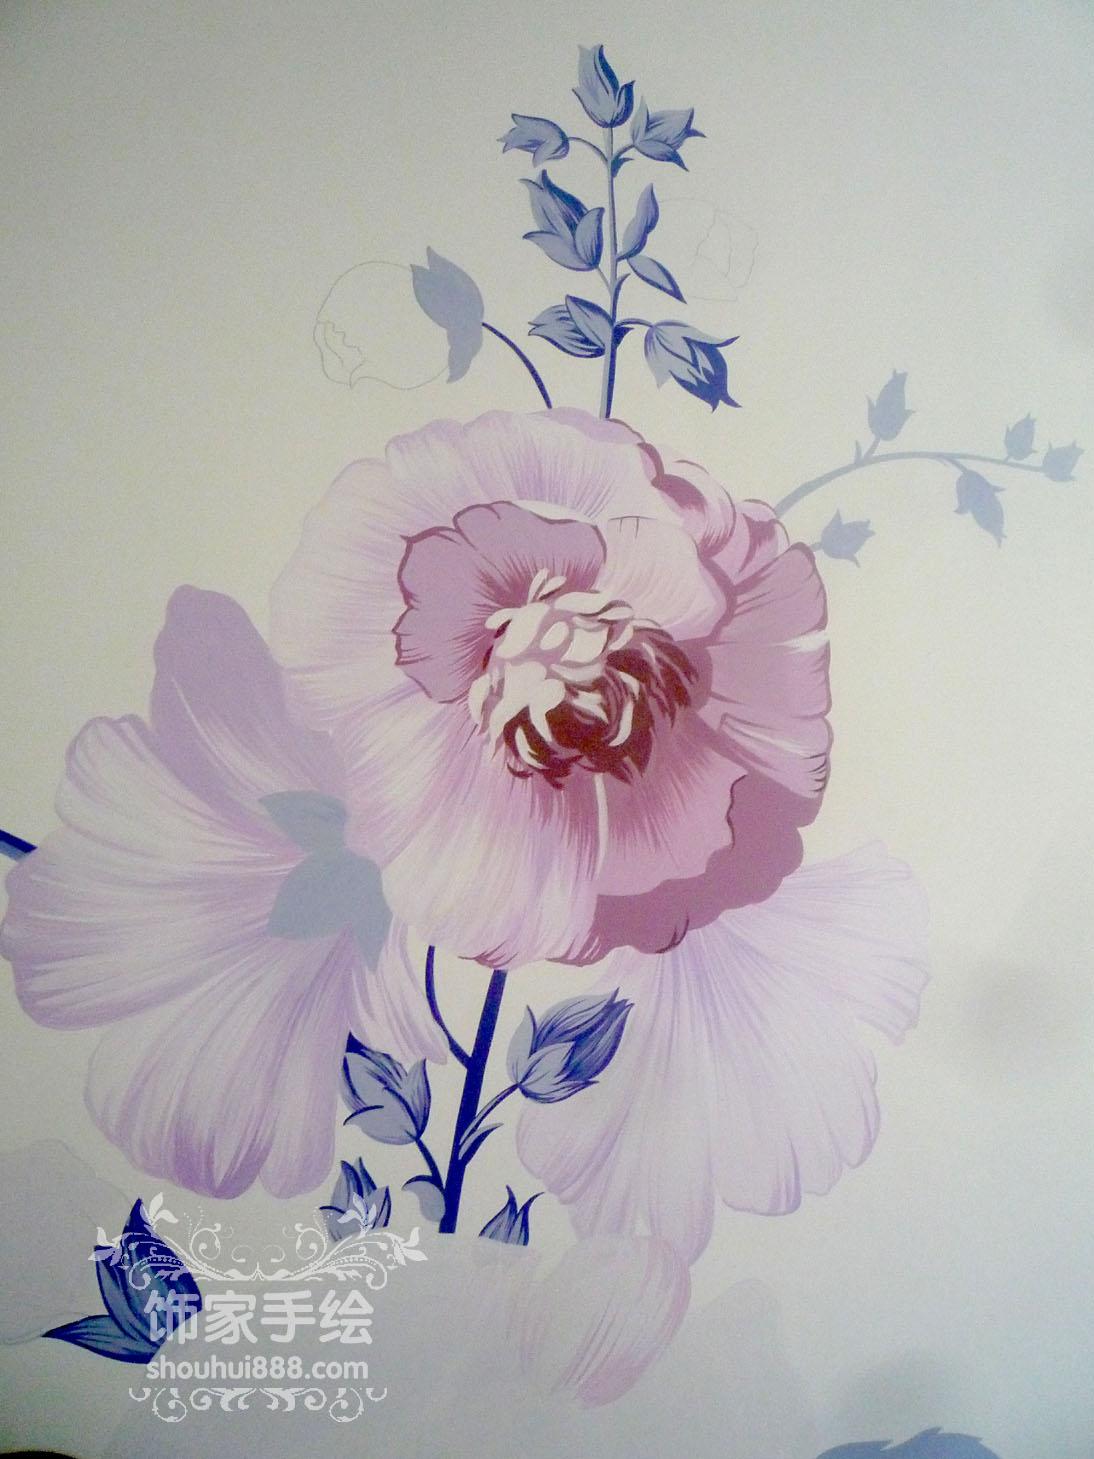 大庆饰家手绘-大庆手绘木槿花